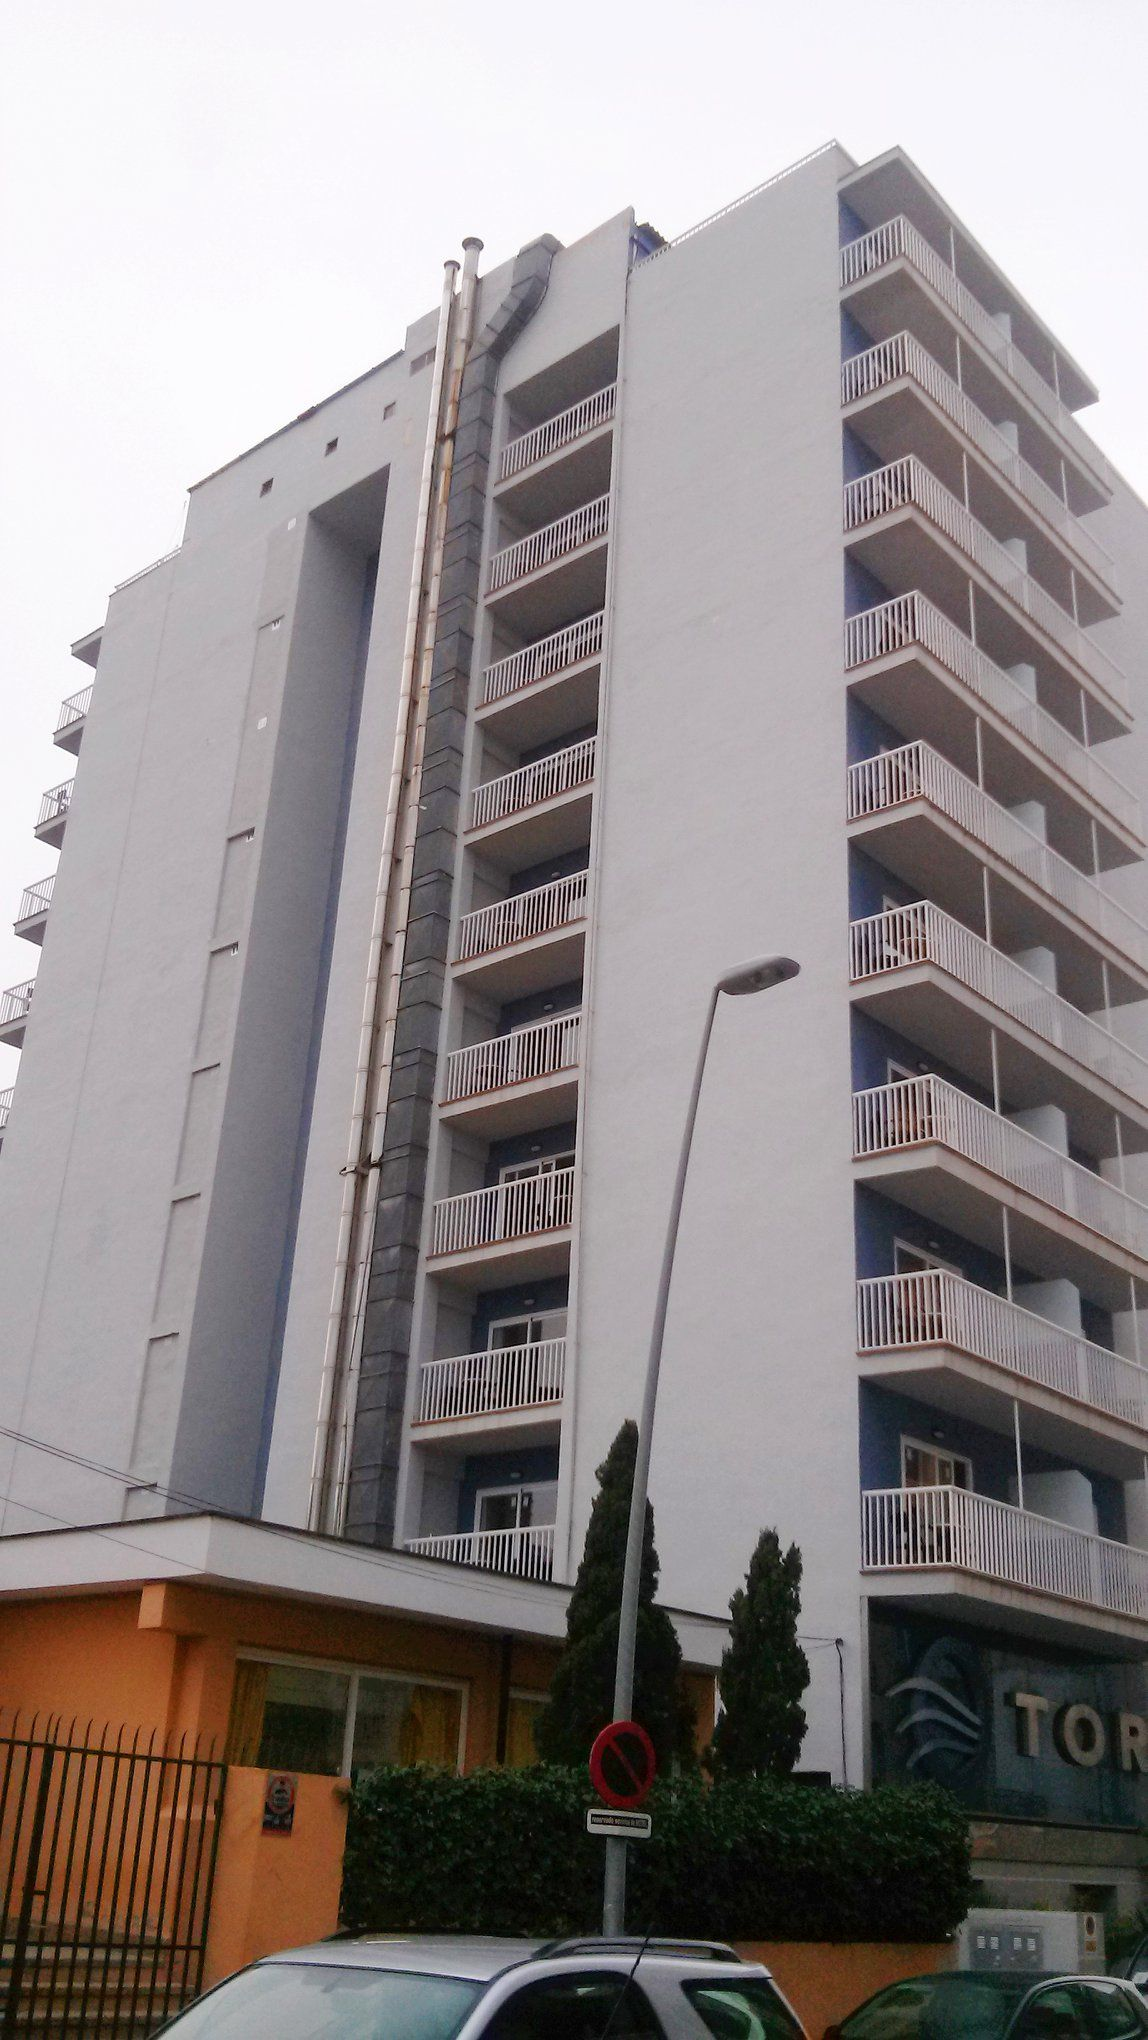 Foto 9 de Trabajos verticales en Palma de Mallorca | Trabajos Verticales Florinity